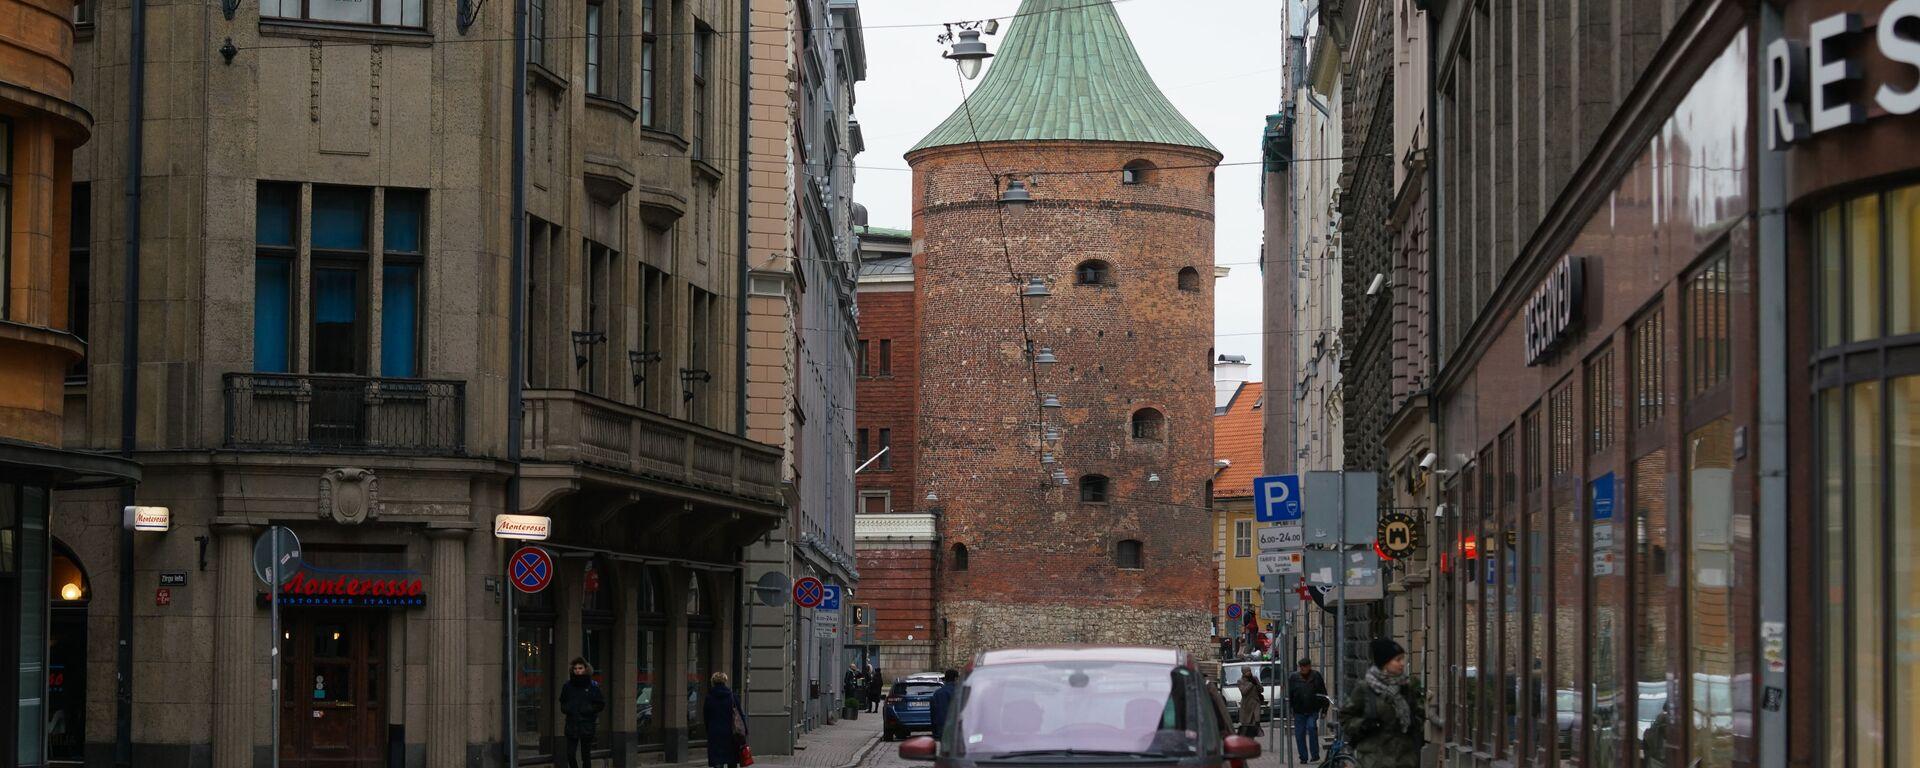 Пороховая башня и улица Вальню в Риге - Sputnik Латвия, 1920, 13.08.2021